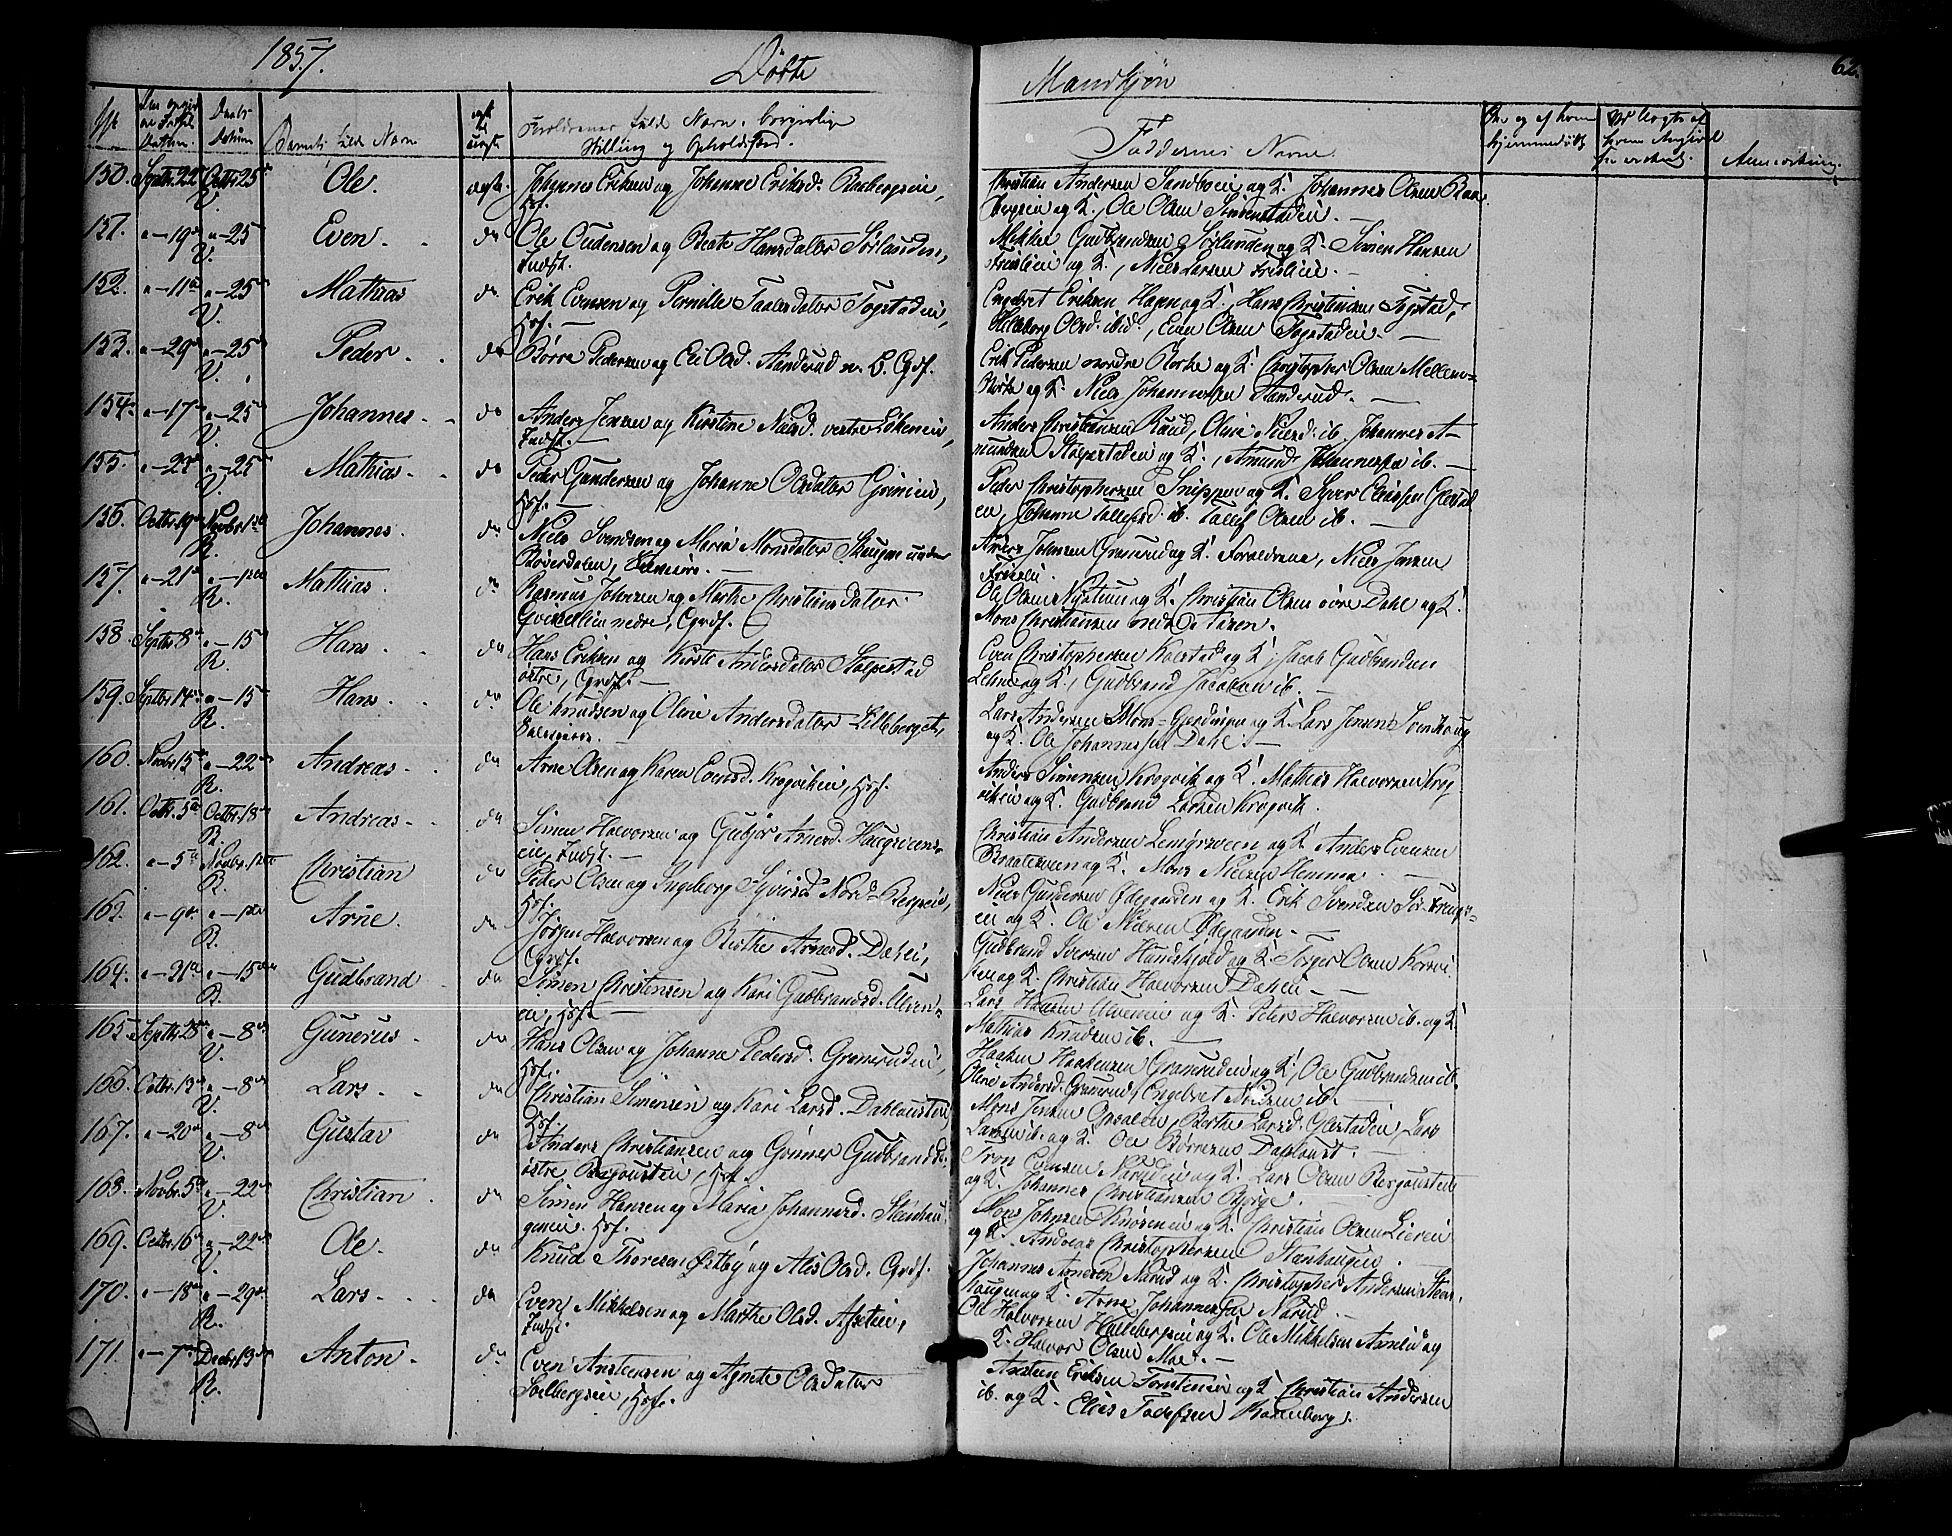 SAH, Ringsaker prestekontor, K/Ka/L0009: Ministerialbok nr. 9, 1850-1860, s. 62